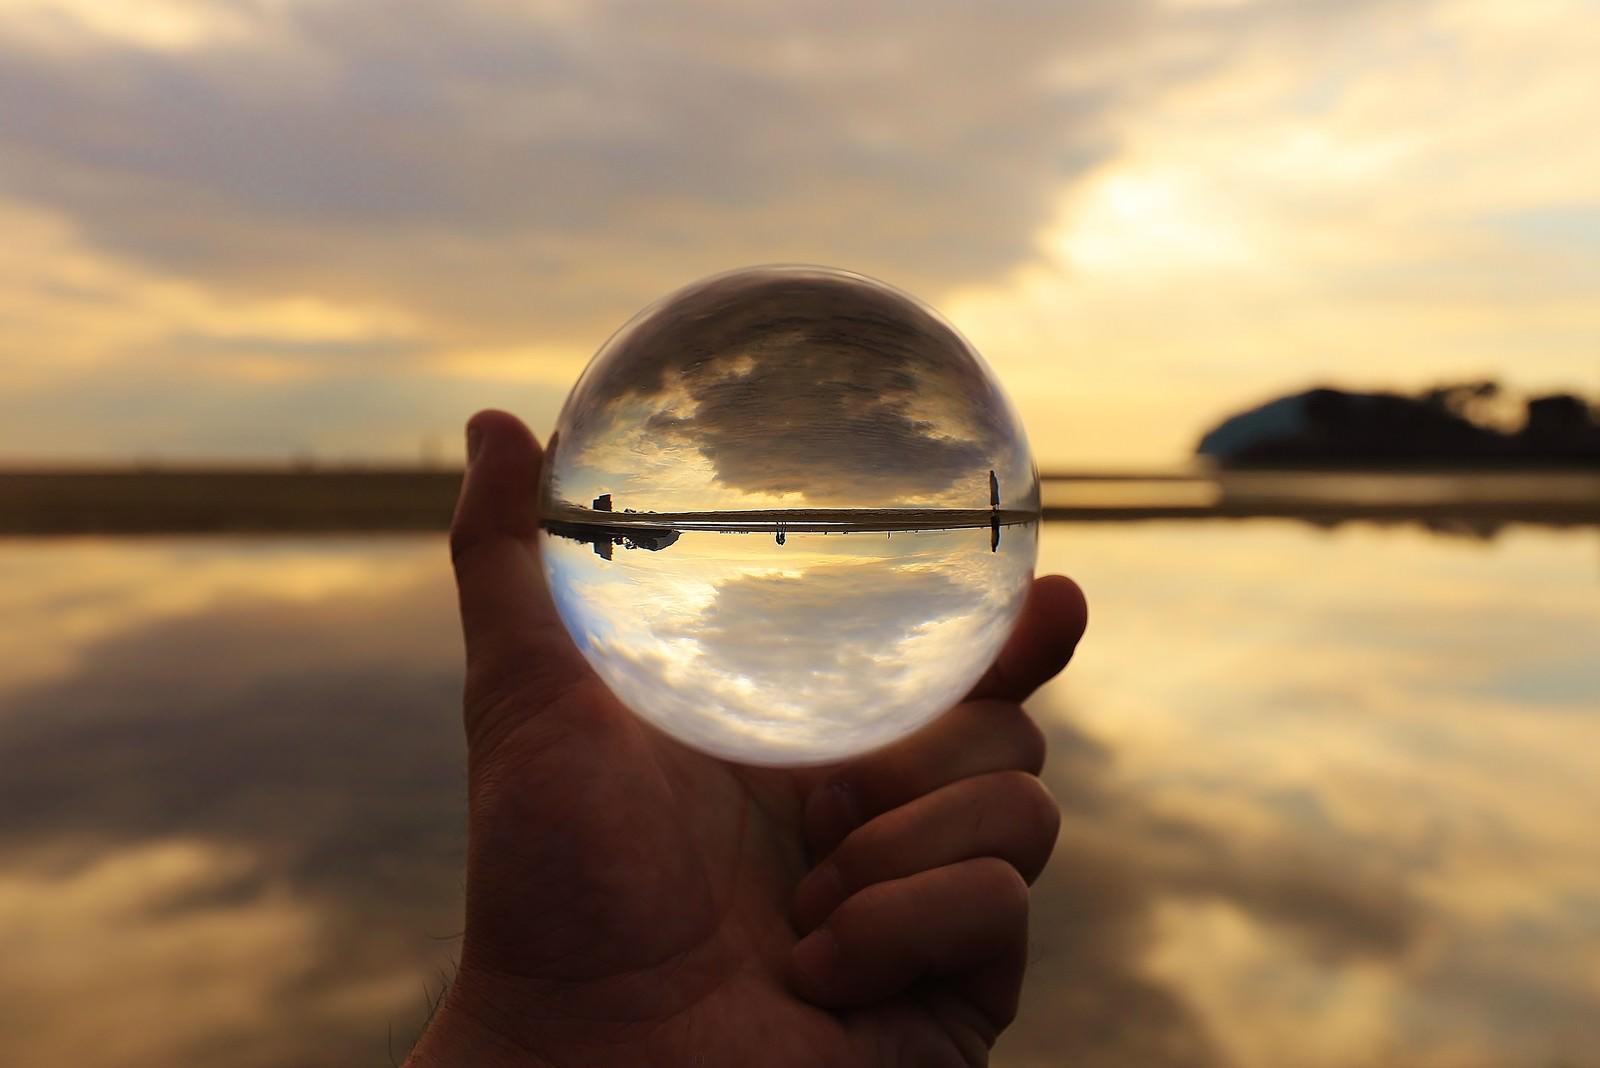 「海岸沿いの風景を閉じ込めたガラス玉」の写真